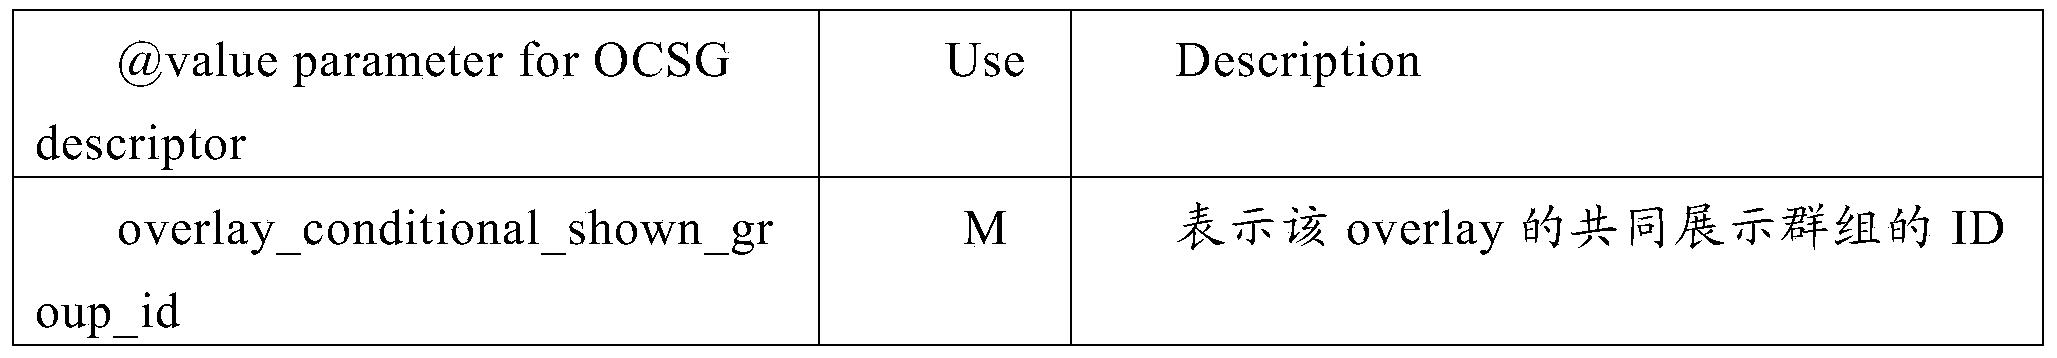 Figure PCTCN2019108514-appb-000014